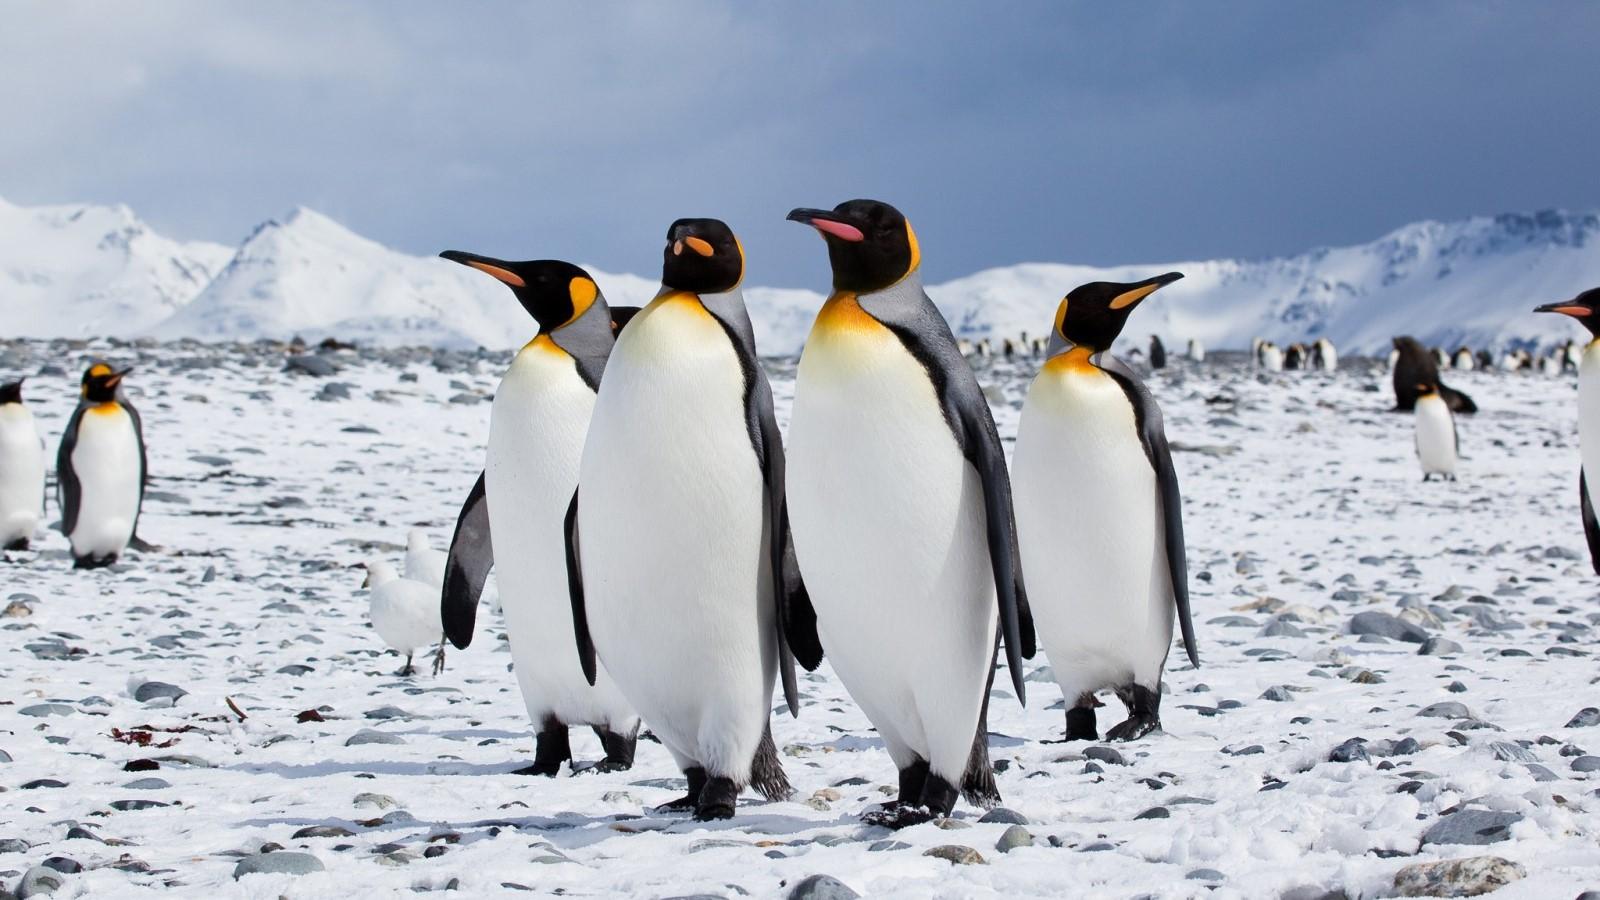 Zvogëlohet ndjeshëm popullsia e pinguinëve mbretër – VIDEO